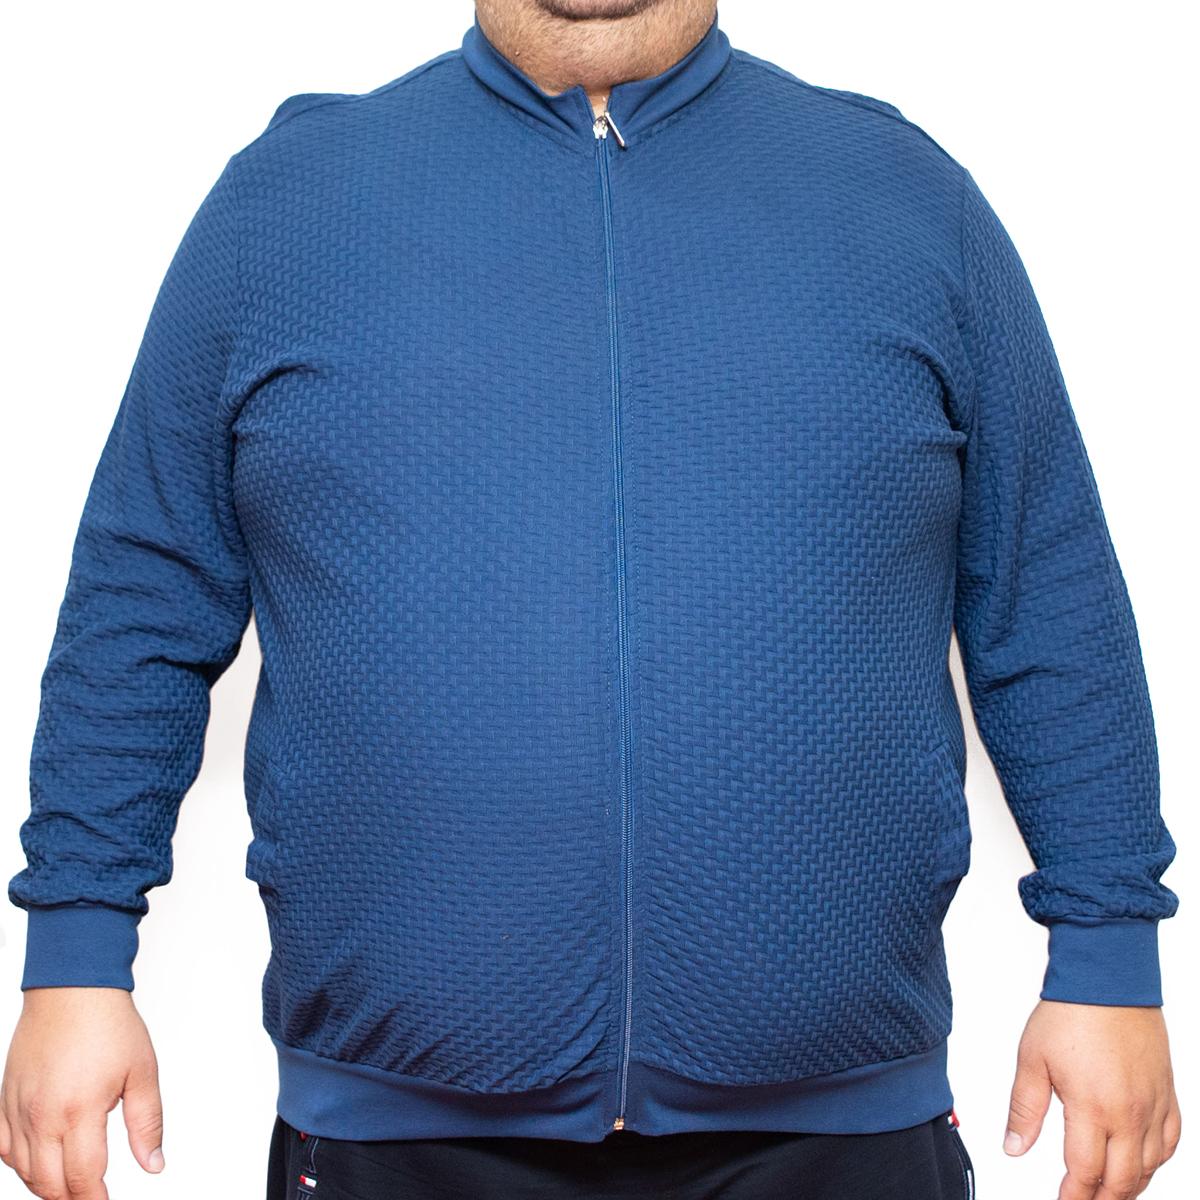 Bluza subtire albastra cu fermoar , Marime 7XL - egato.ro